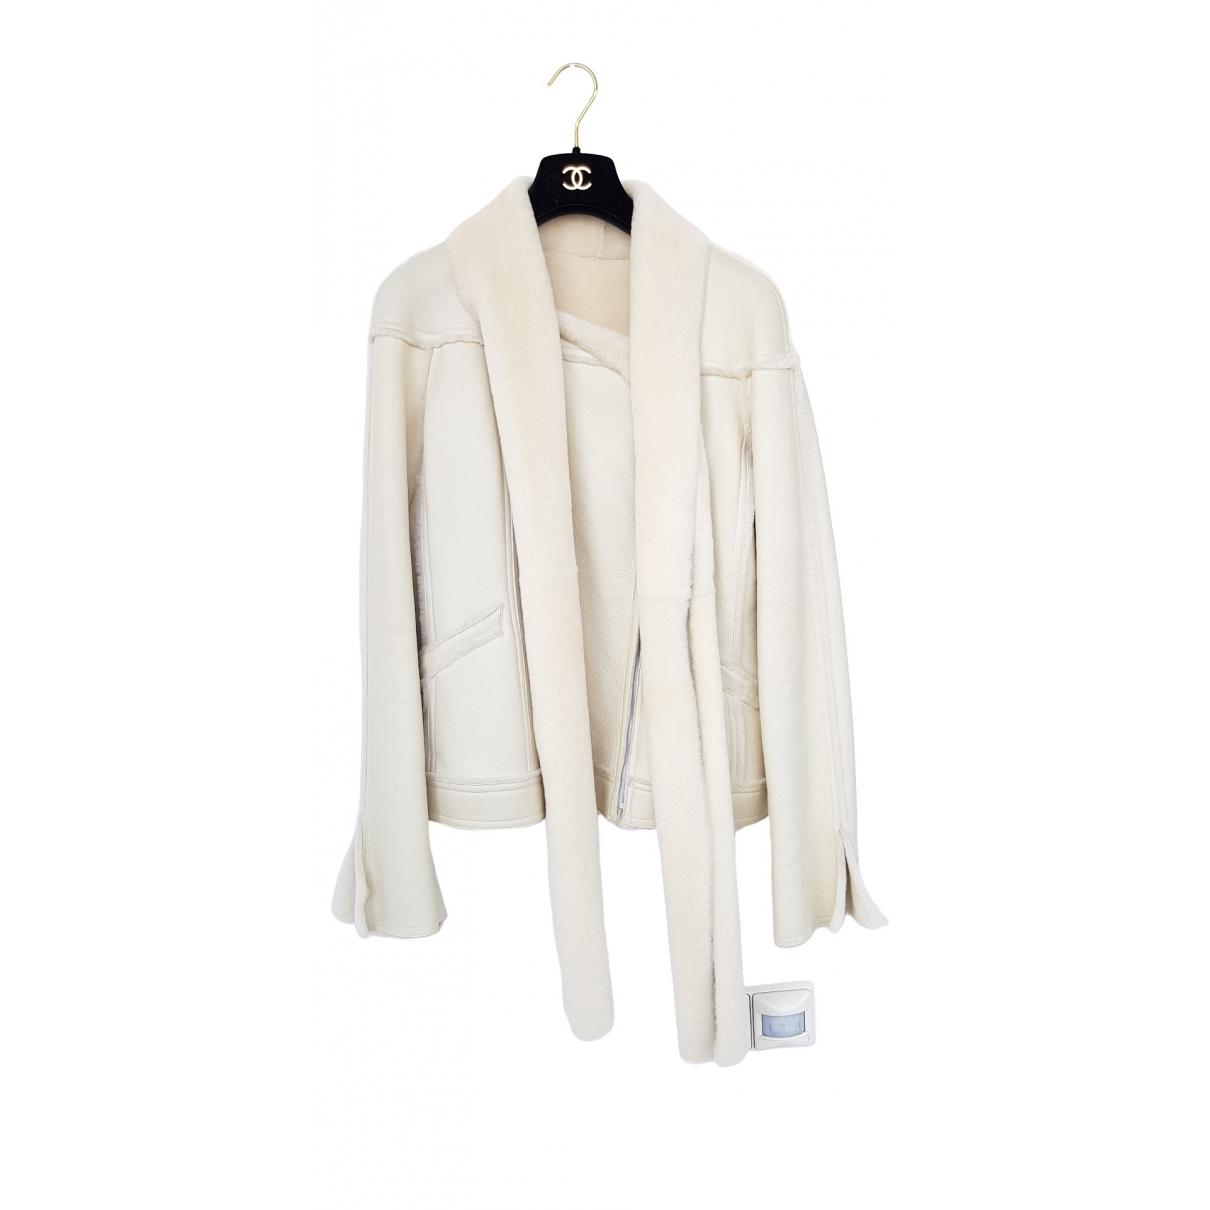 Chanel \N Ecru Shearling jacket for Women 38 FR